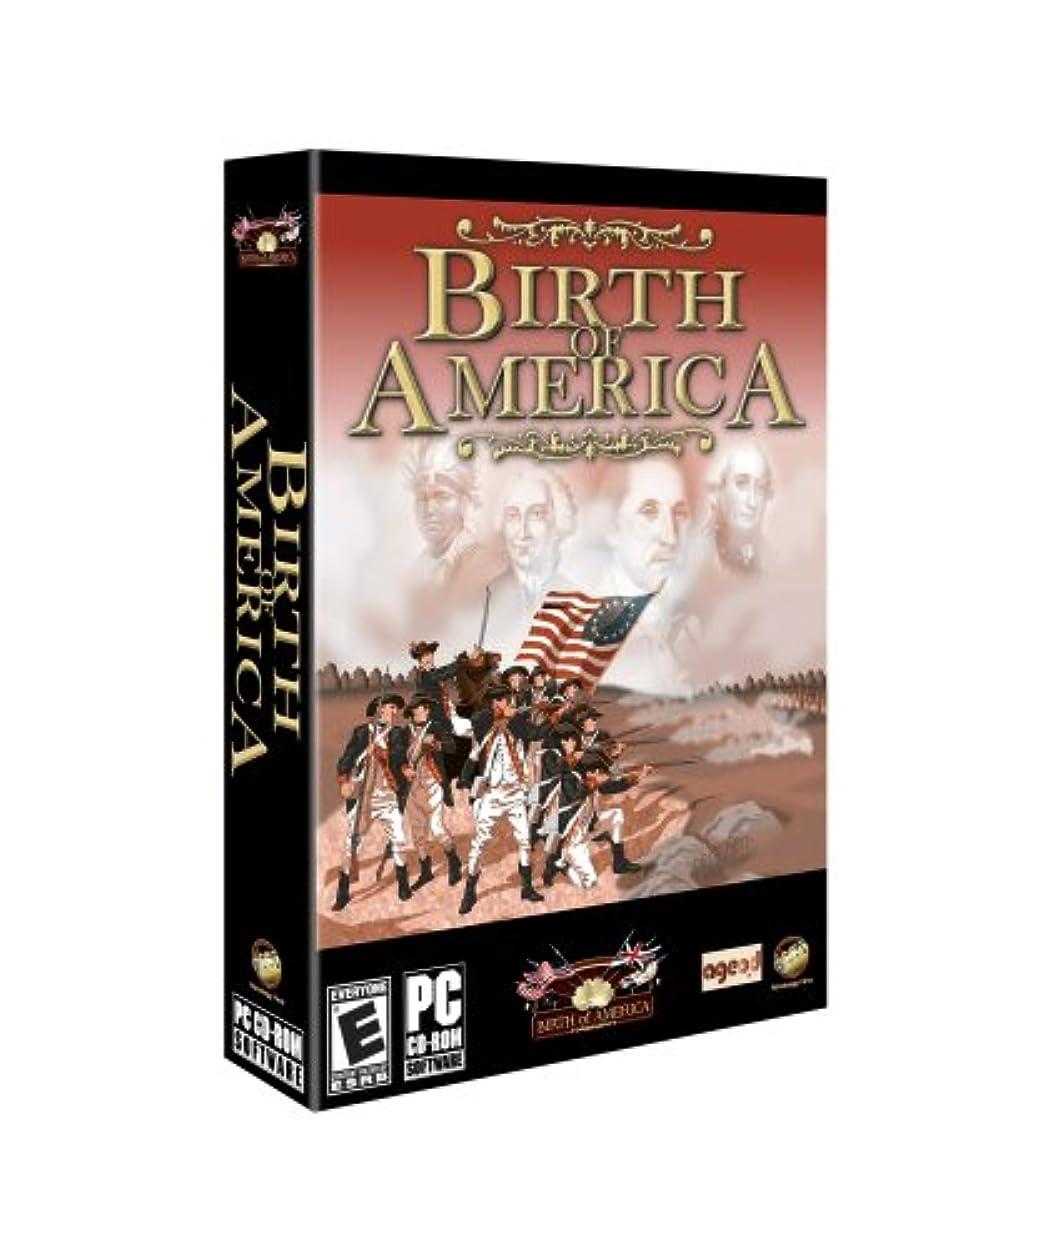 壁紙博覧会年金Birth of America (輸入版)